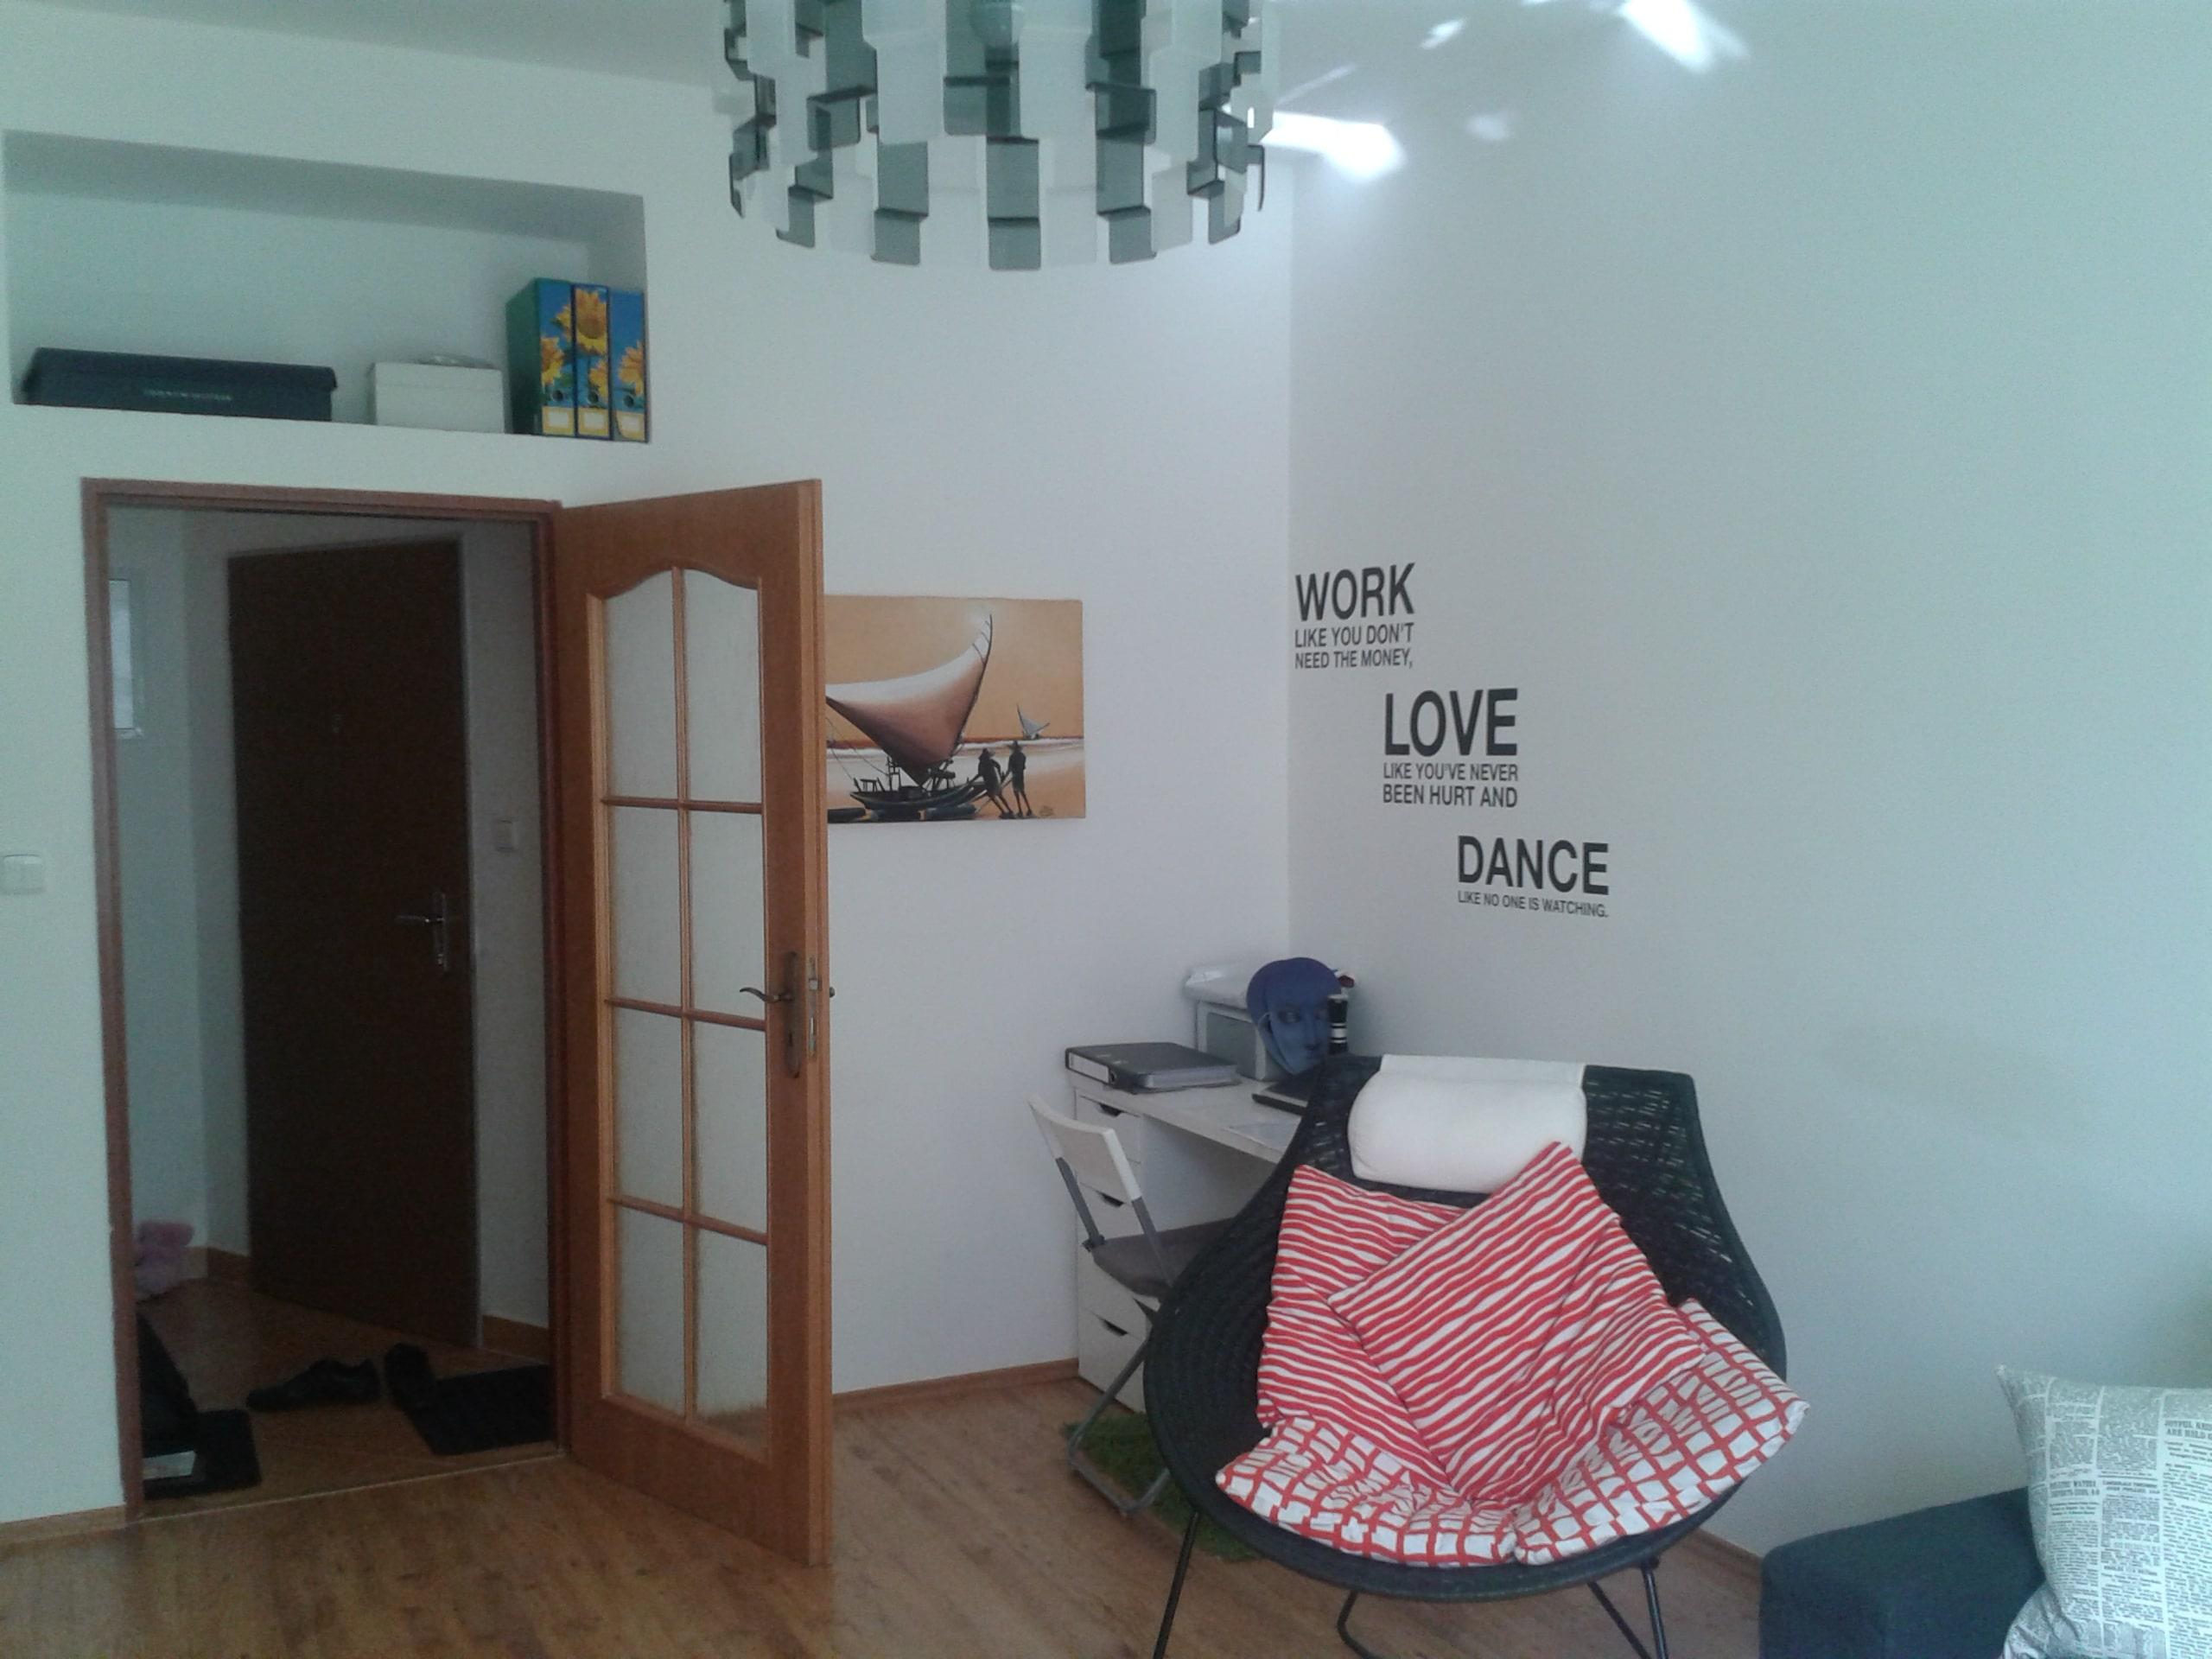 למכירה דירת 3 חדרים מודרנית בפראג (17)